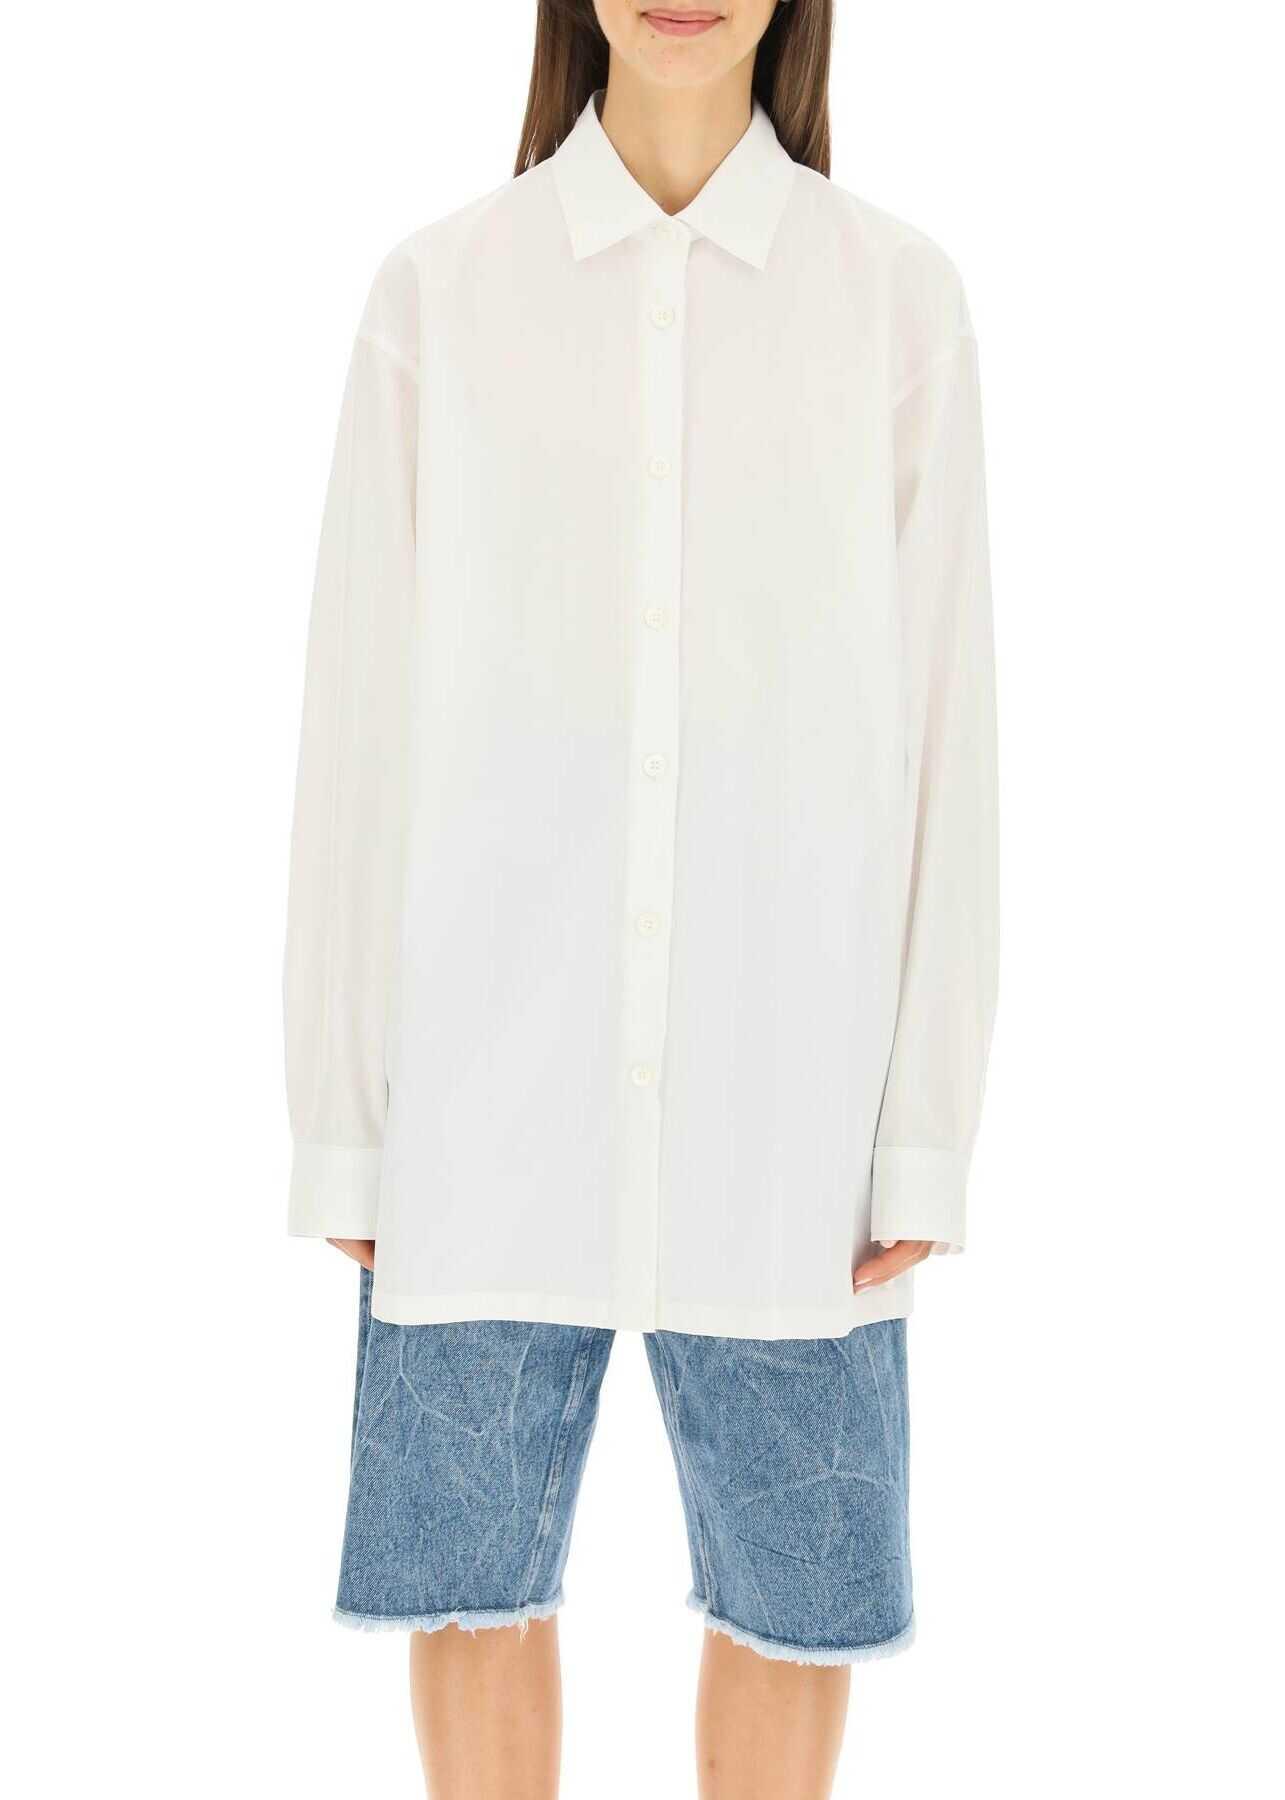 Dries Van Noten Boyfriend Poplin Shirt CASSIDO 3169 WHITE image0